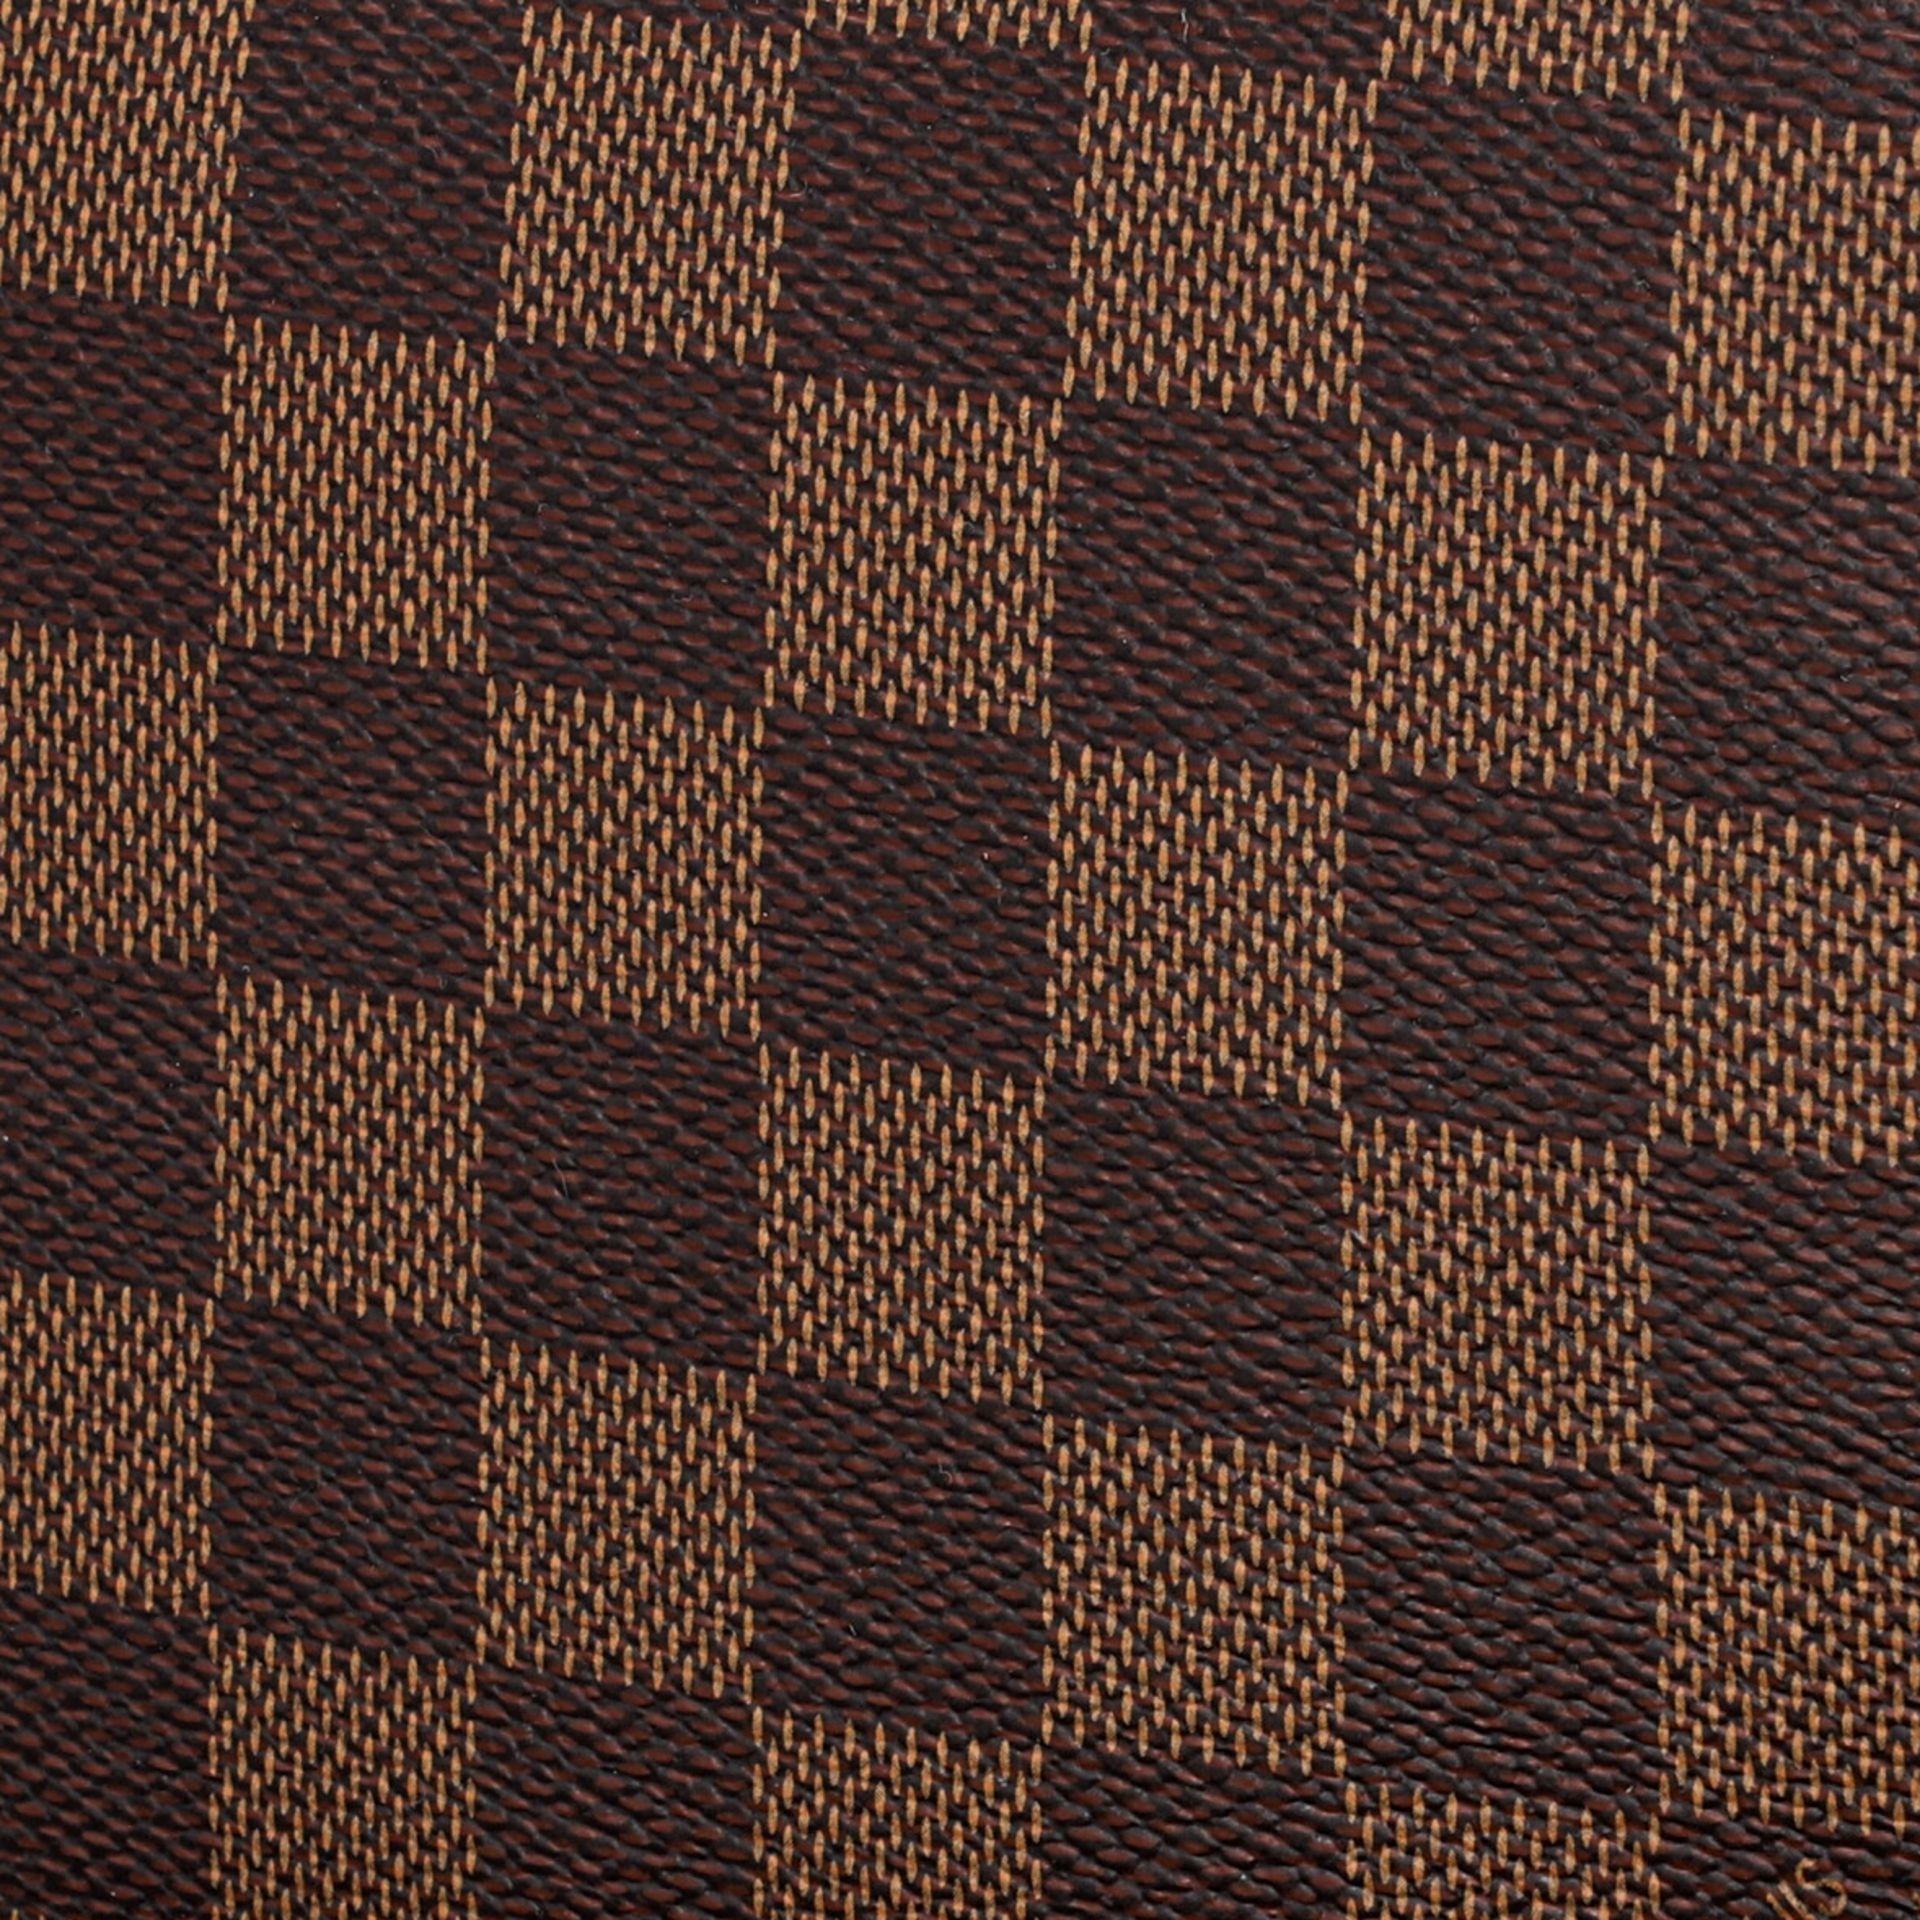 """LOUIS VUITTON Umhängetasche """"SANTA MONICA"""", Koll. 2019. Nicht mehr erhältlich! NP. c - Image 7 of 8"""